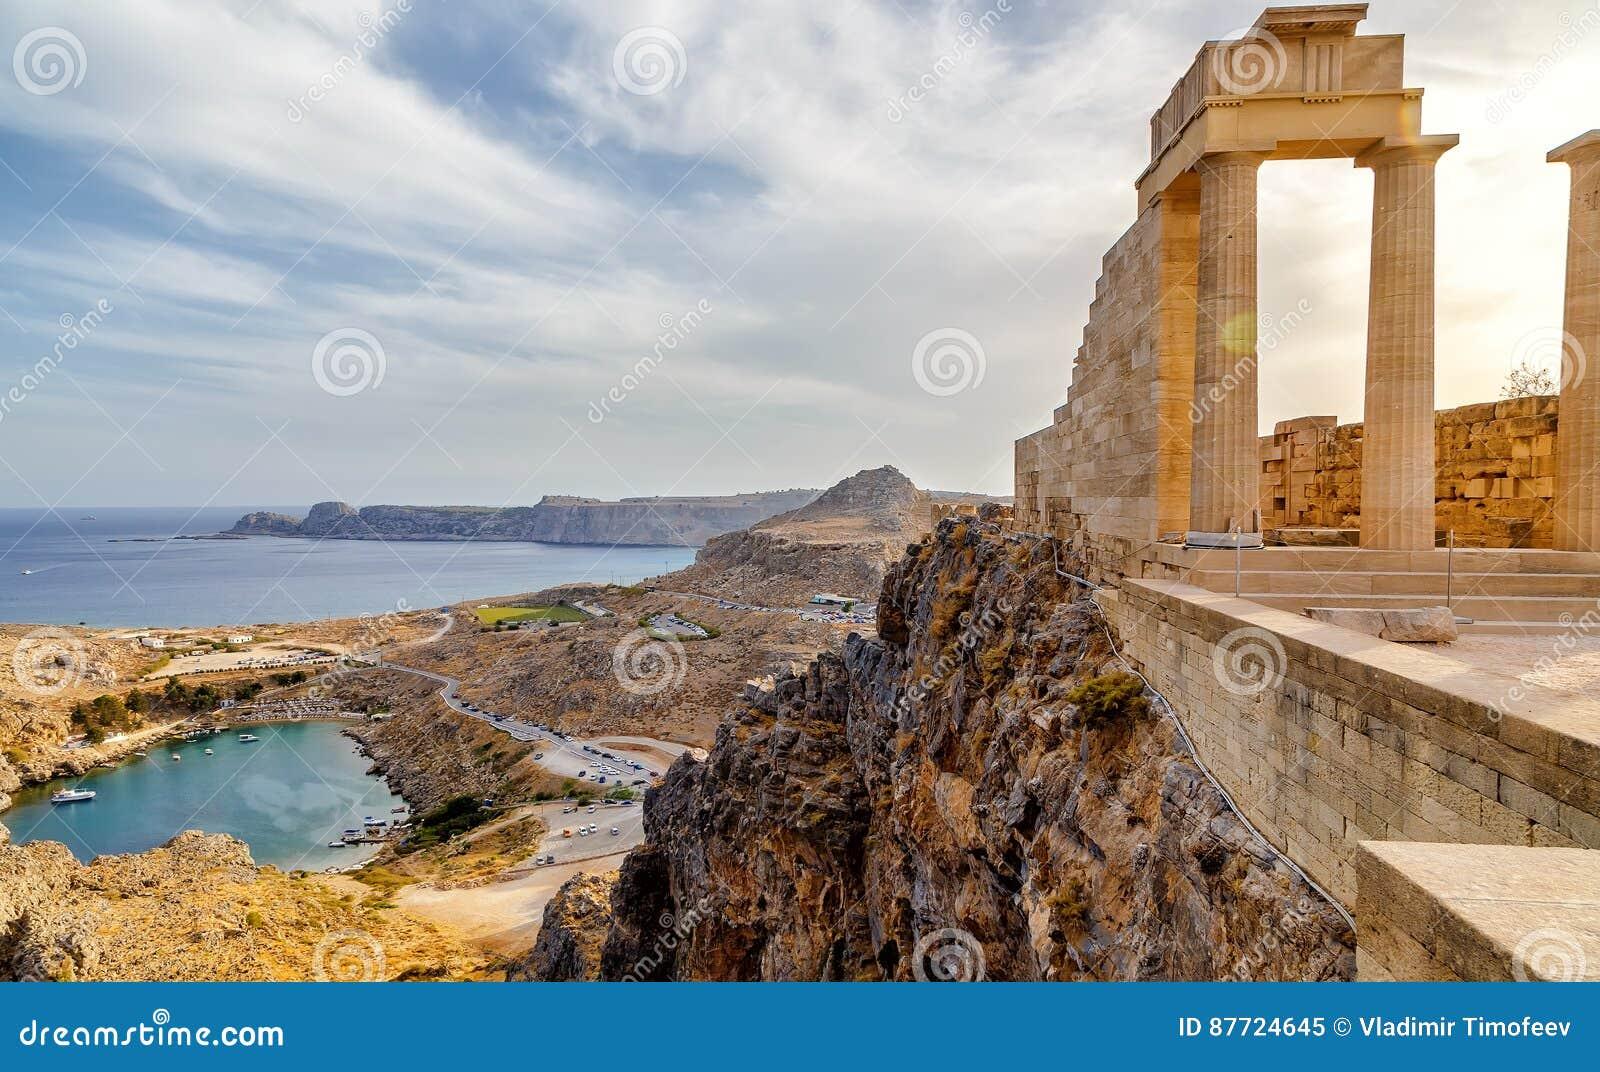 希腊 罗得斯 Lindos上城 雅典娜Lindia古庙的多立克体专栏IV世纪和BC海湾